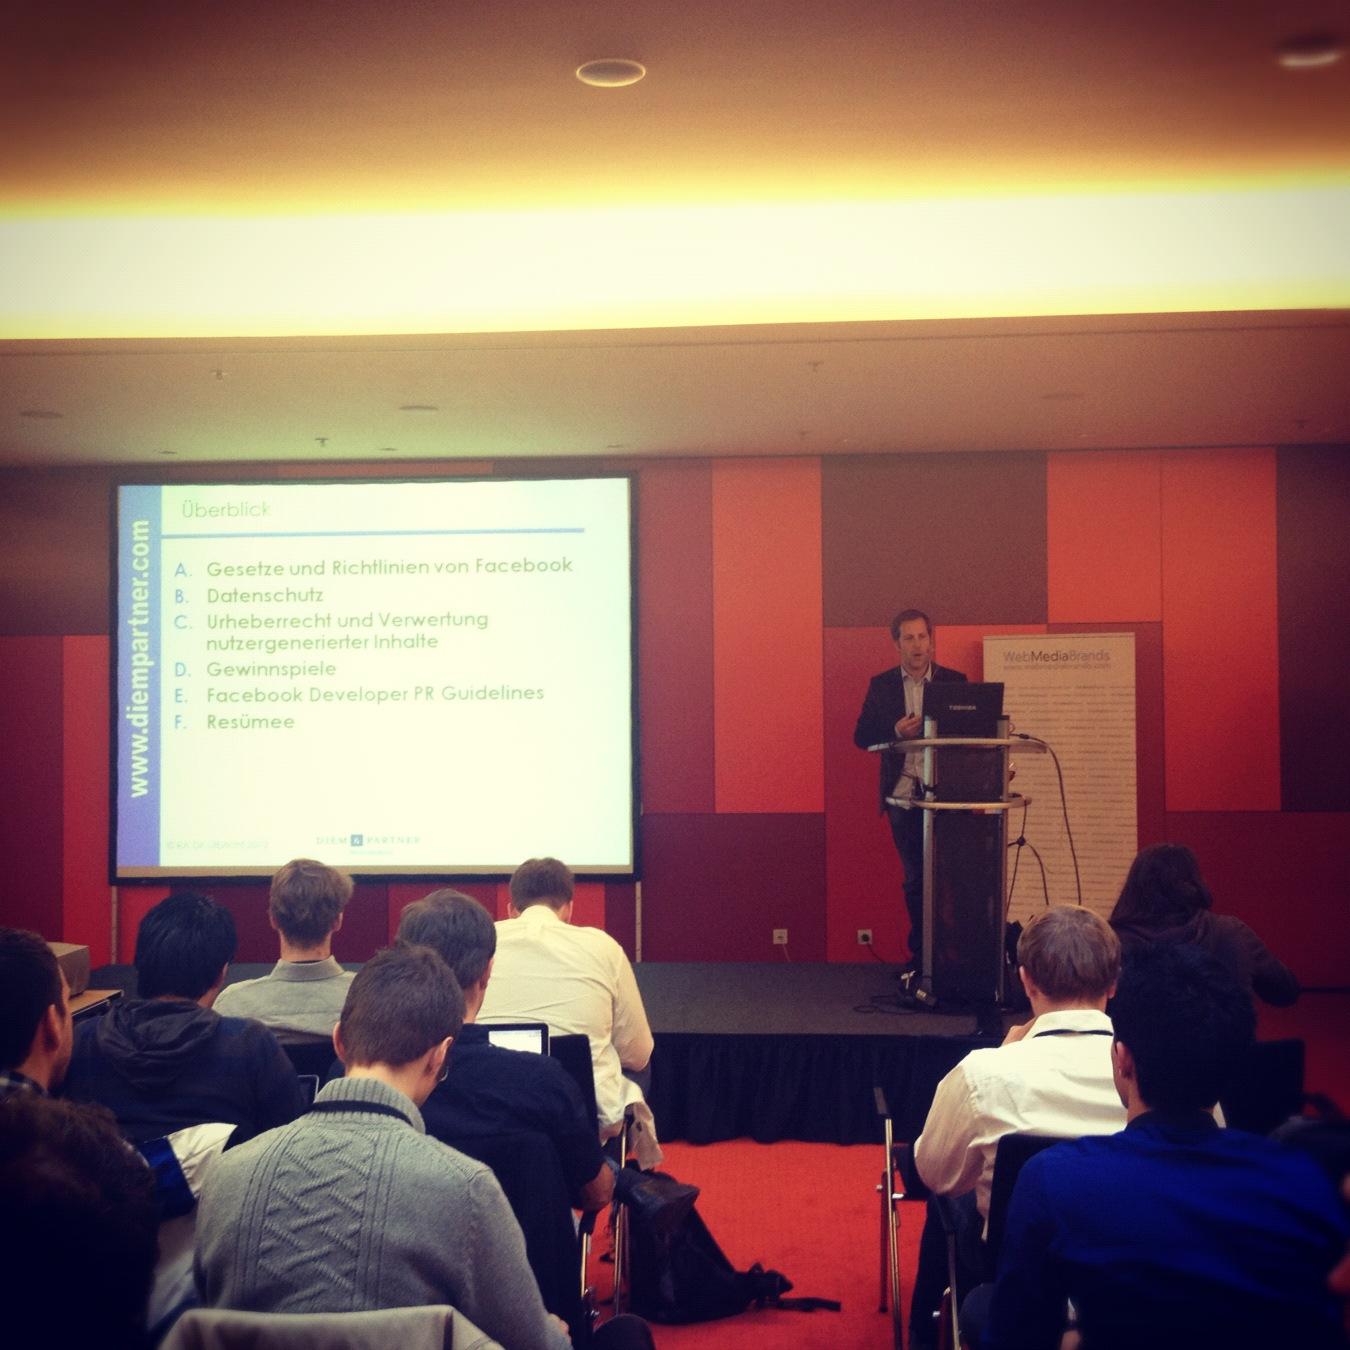 Urheber- und datenschutzrechtliche Rahmenbedingungen beim Einsatz der Facebook API @ AllFacebook Developer Conference